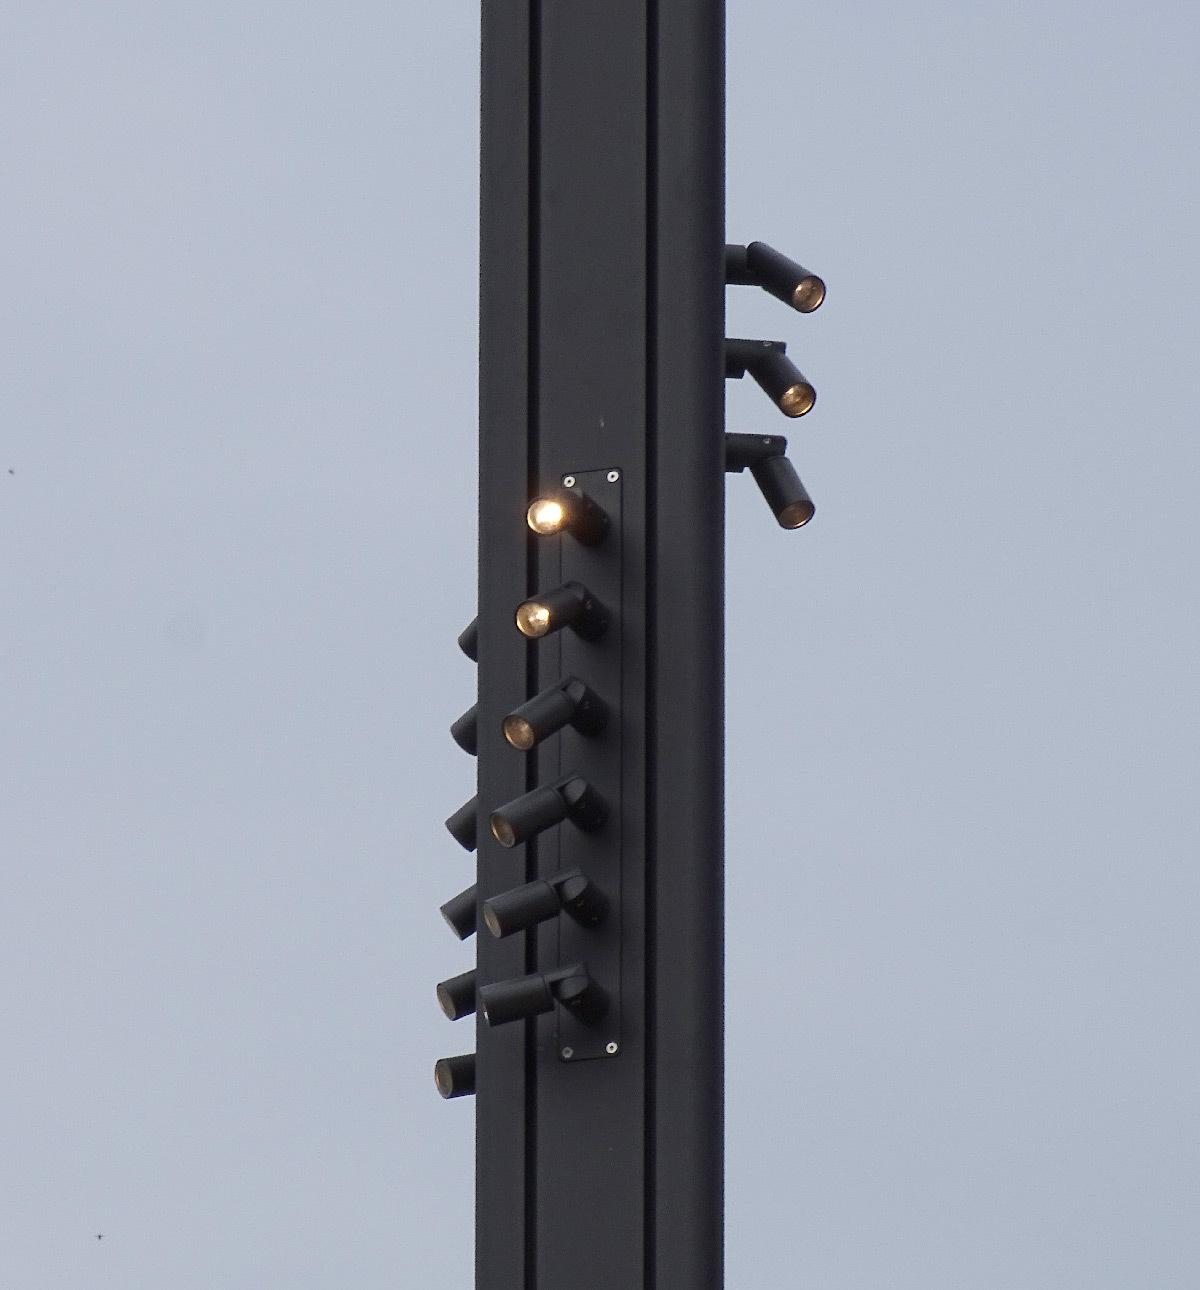 Détail des mats d'éclairage urbain - Esplanade du Flon, Lausanne, Suisse - Concepteur lumière : Les Éclairagistes Associes - LEA